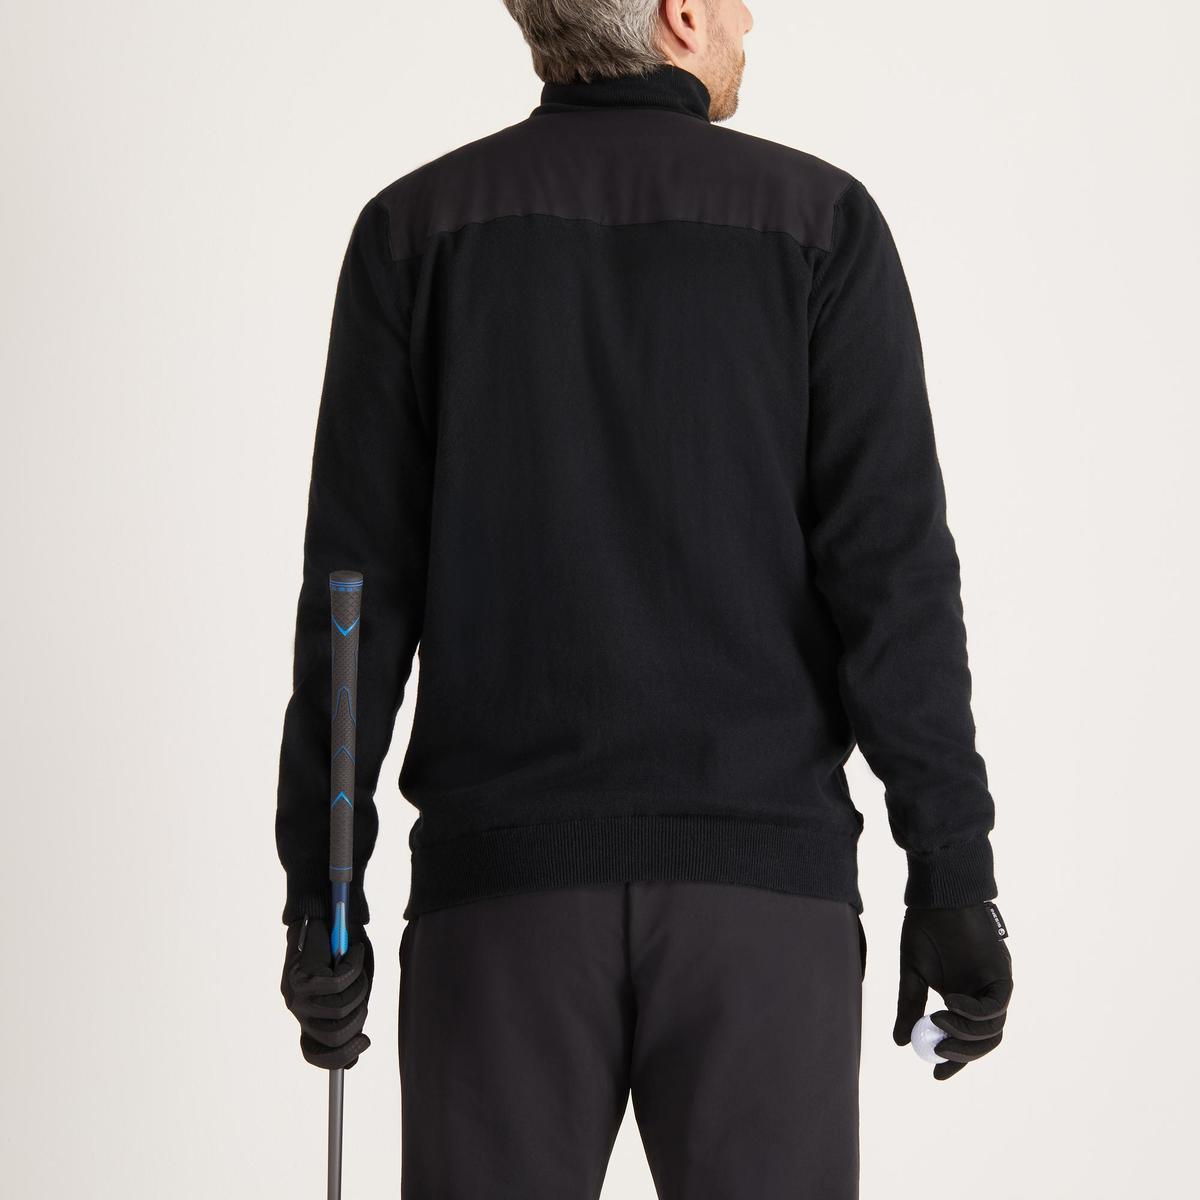 Bild 4 von Golf Pullover winddicht warm Herren schwarz